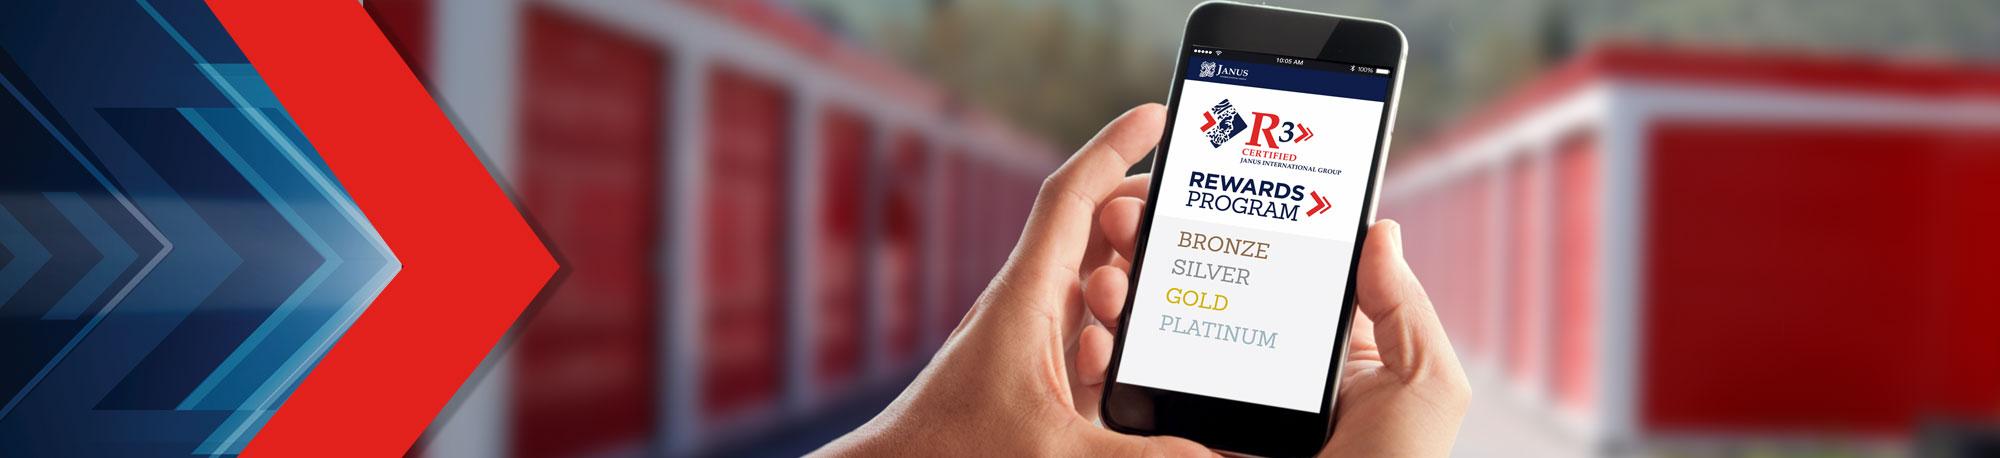 r3_rewards_banner_img